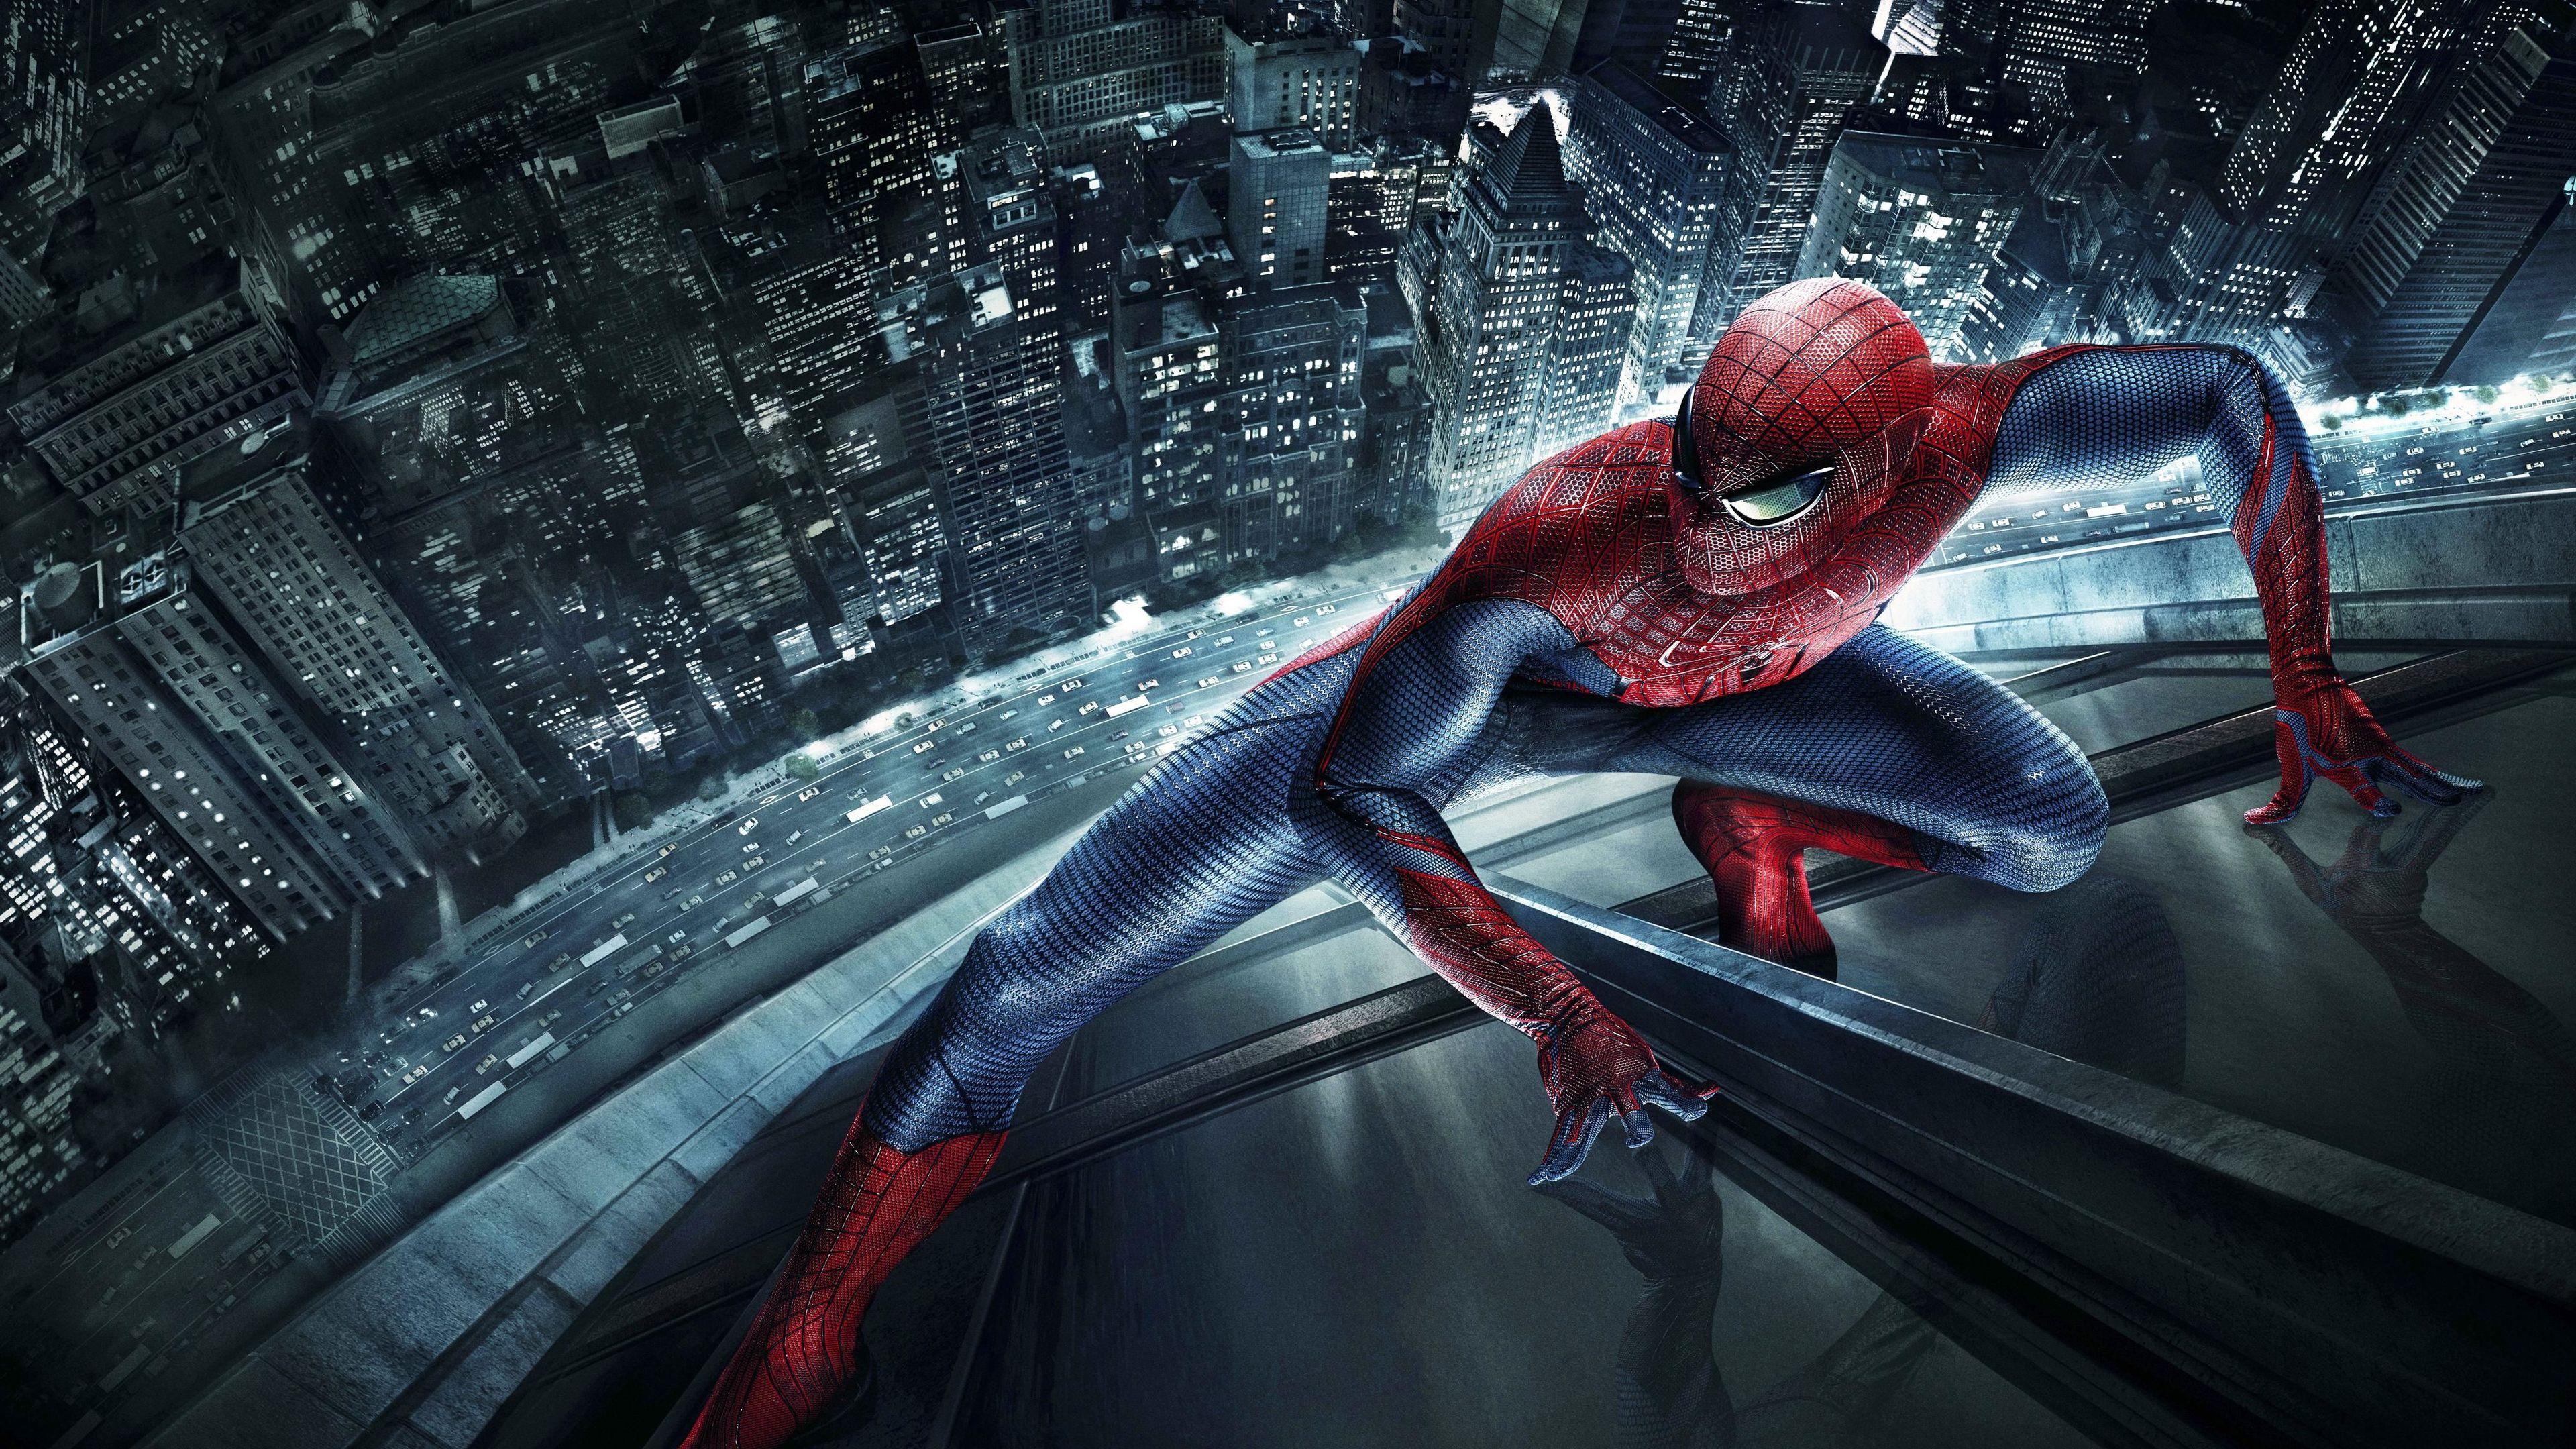 spiderman 4k 1536507462 - Spiderman 4k - super heroes wallpapers, spiderman wallpapers, movies wallpapers, hd-wallpapers, 4k-wallpapers